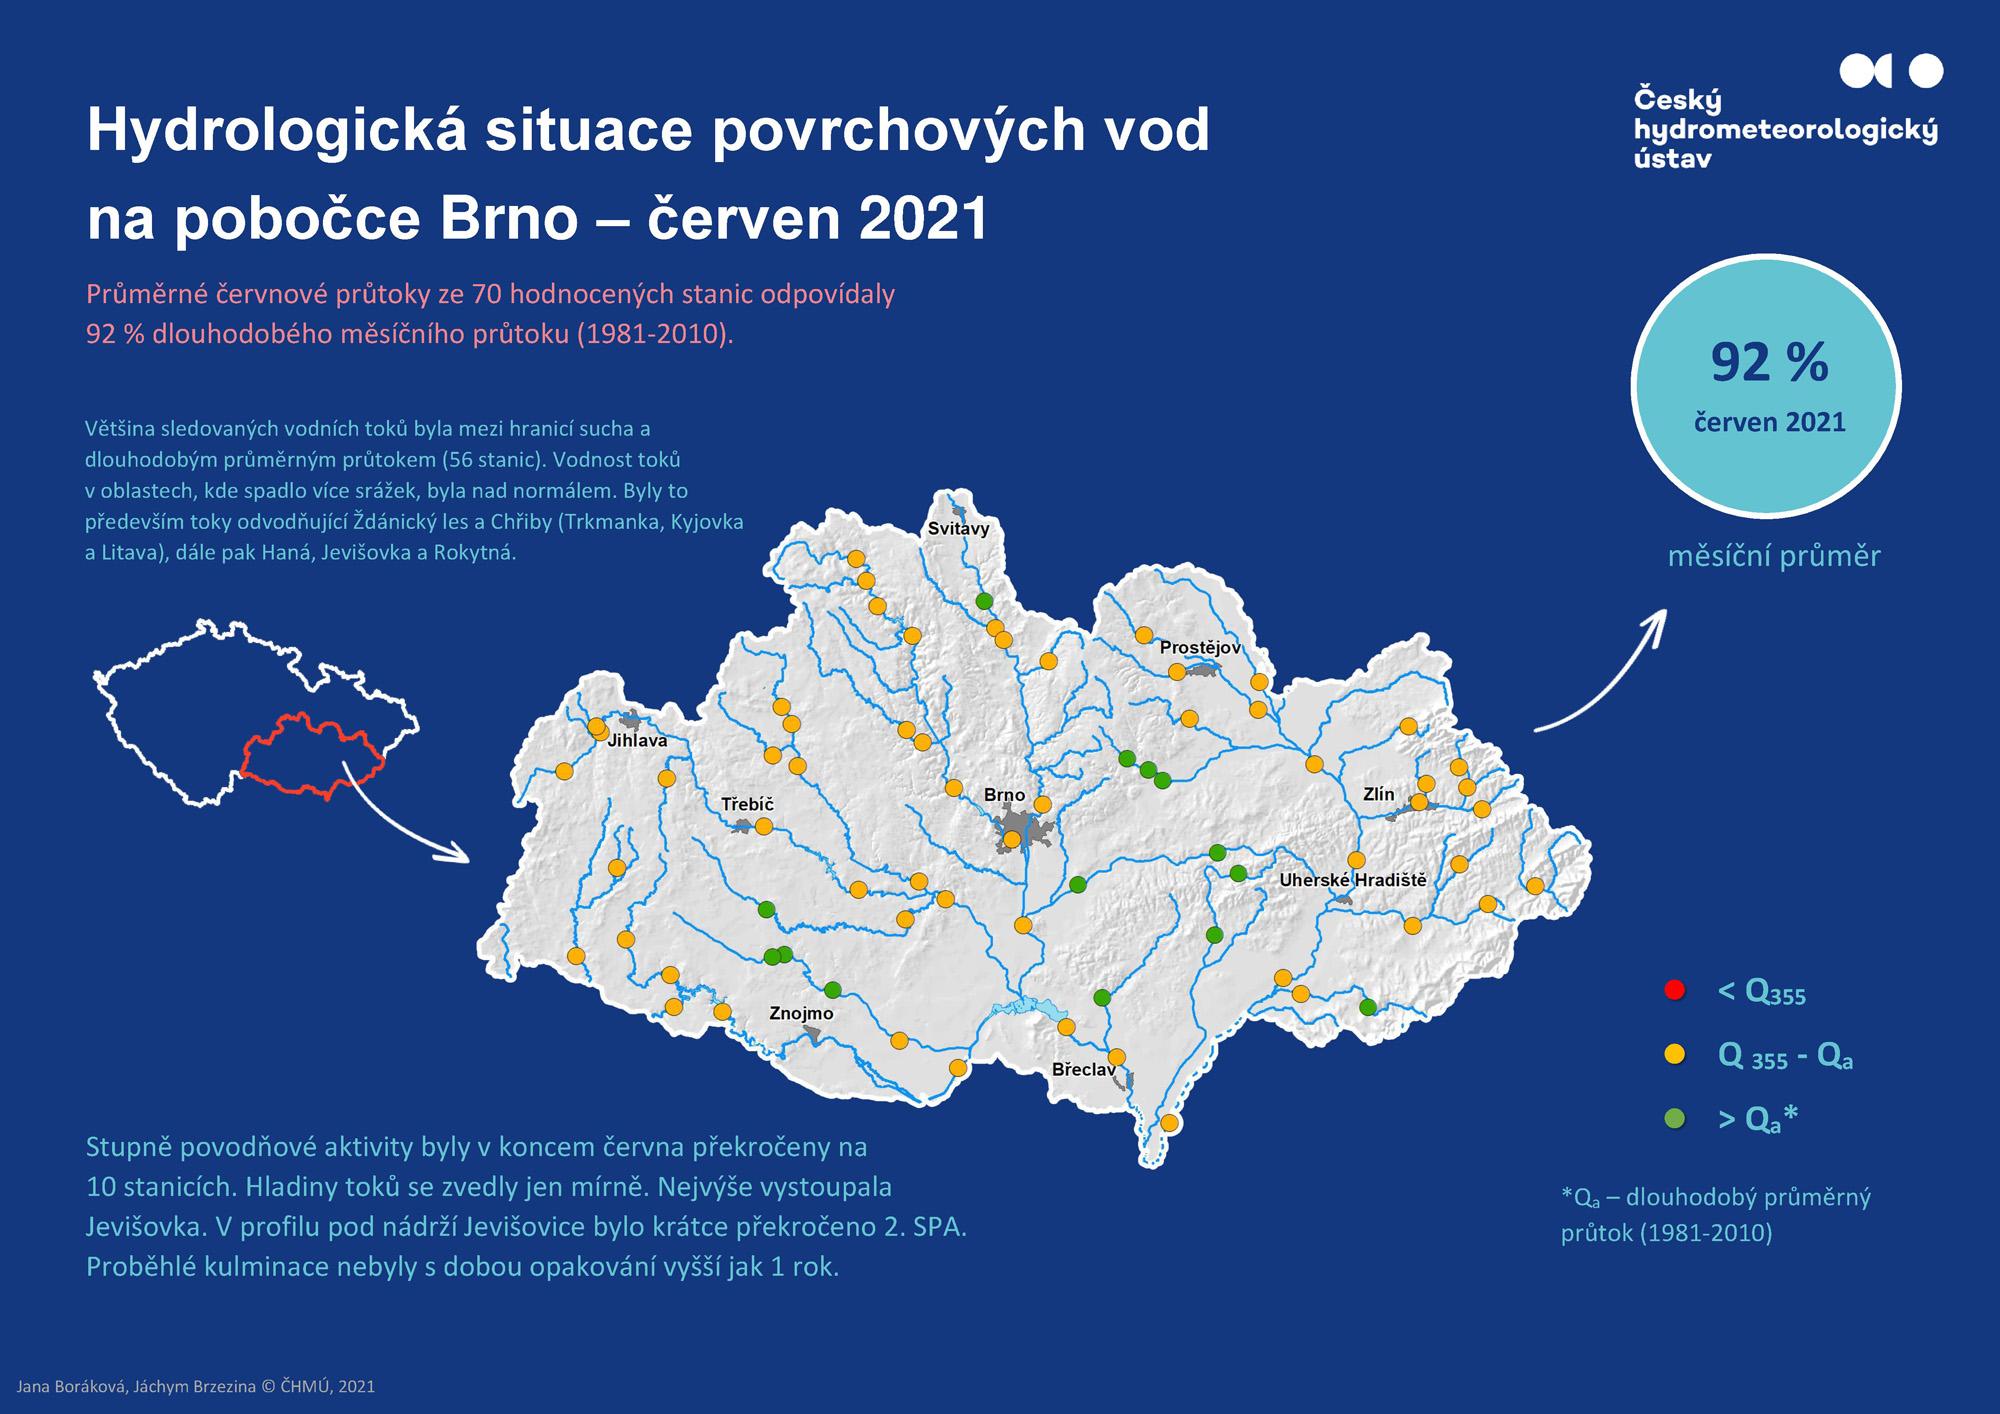 Hydrologická situace povrchových vod na pobočce Brno – červen 20211 min čtení